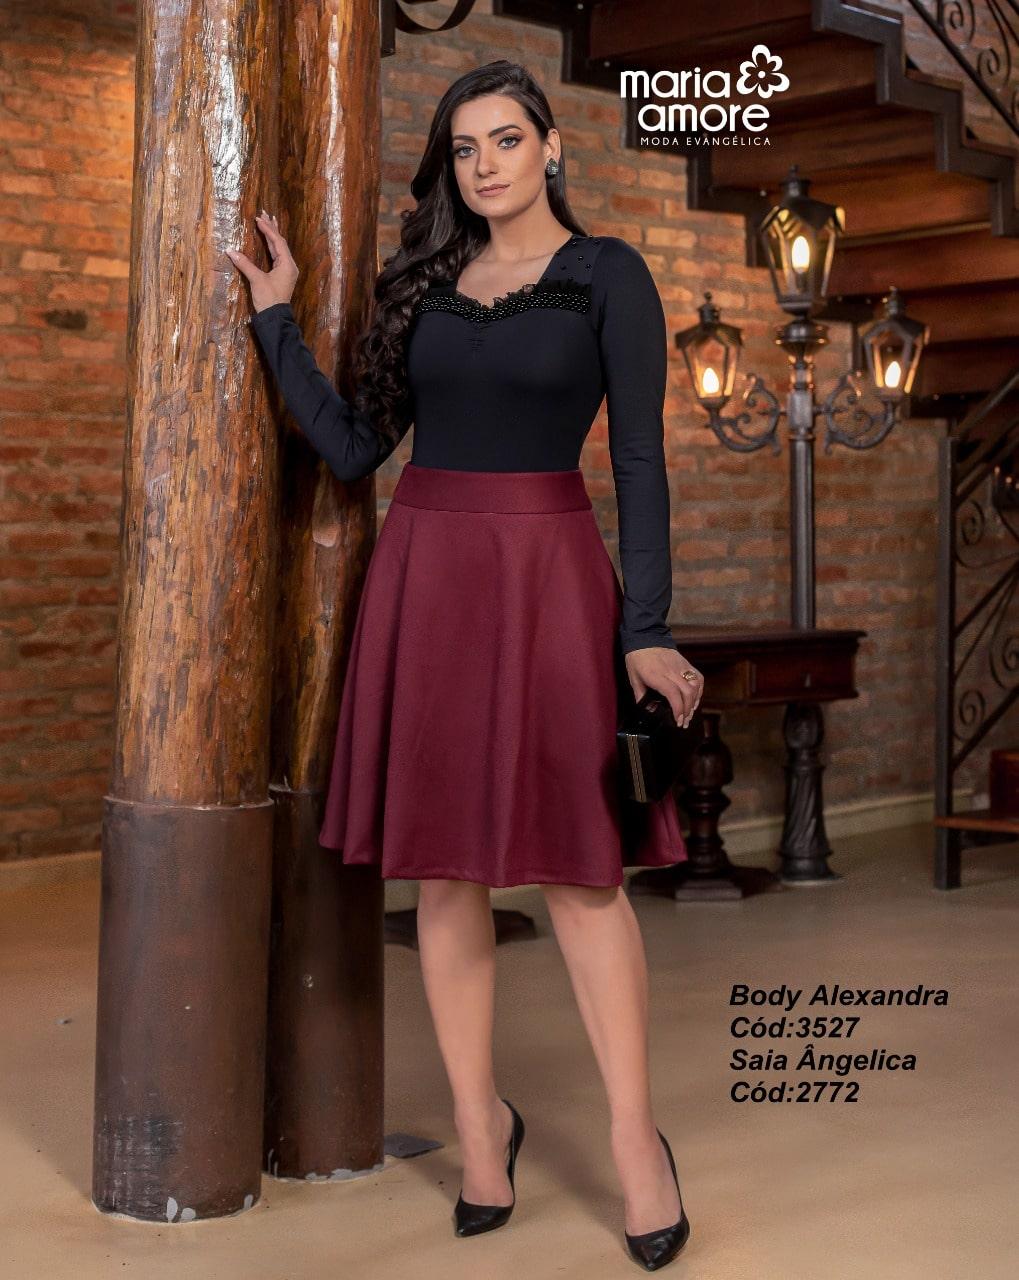 Body feminino Alexandra  Maria Amore